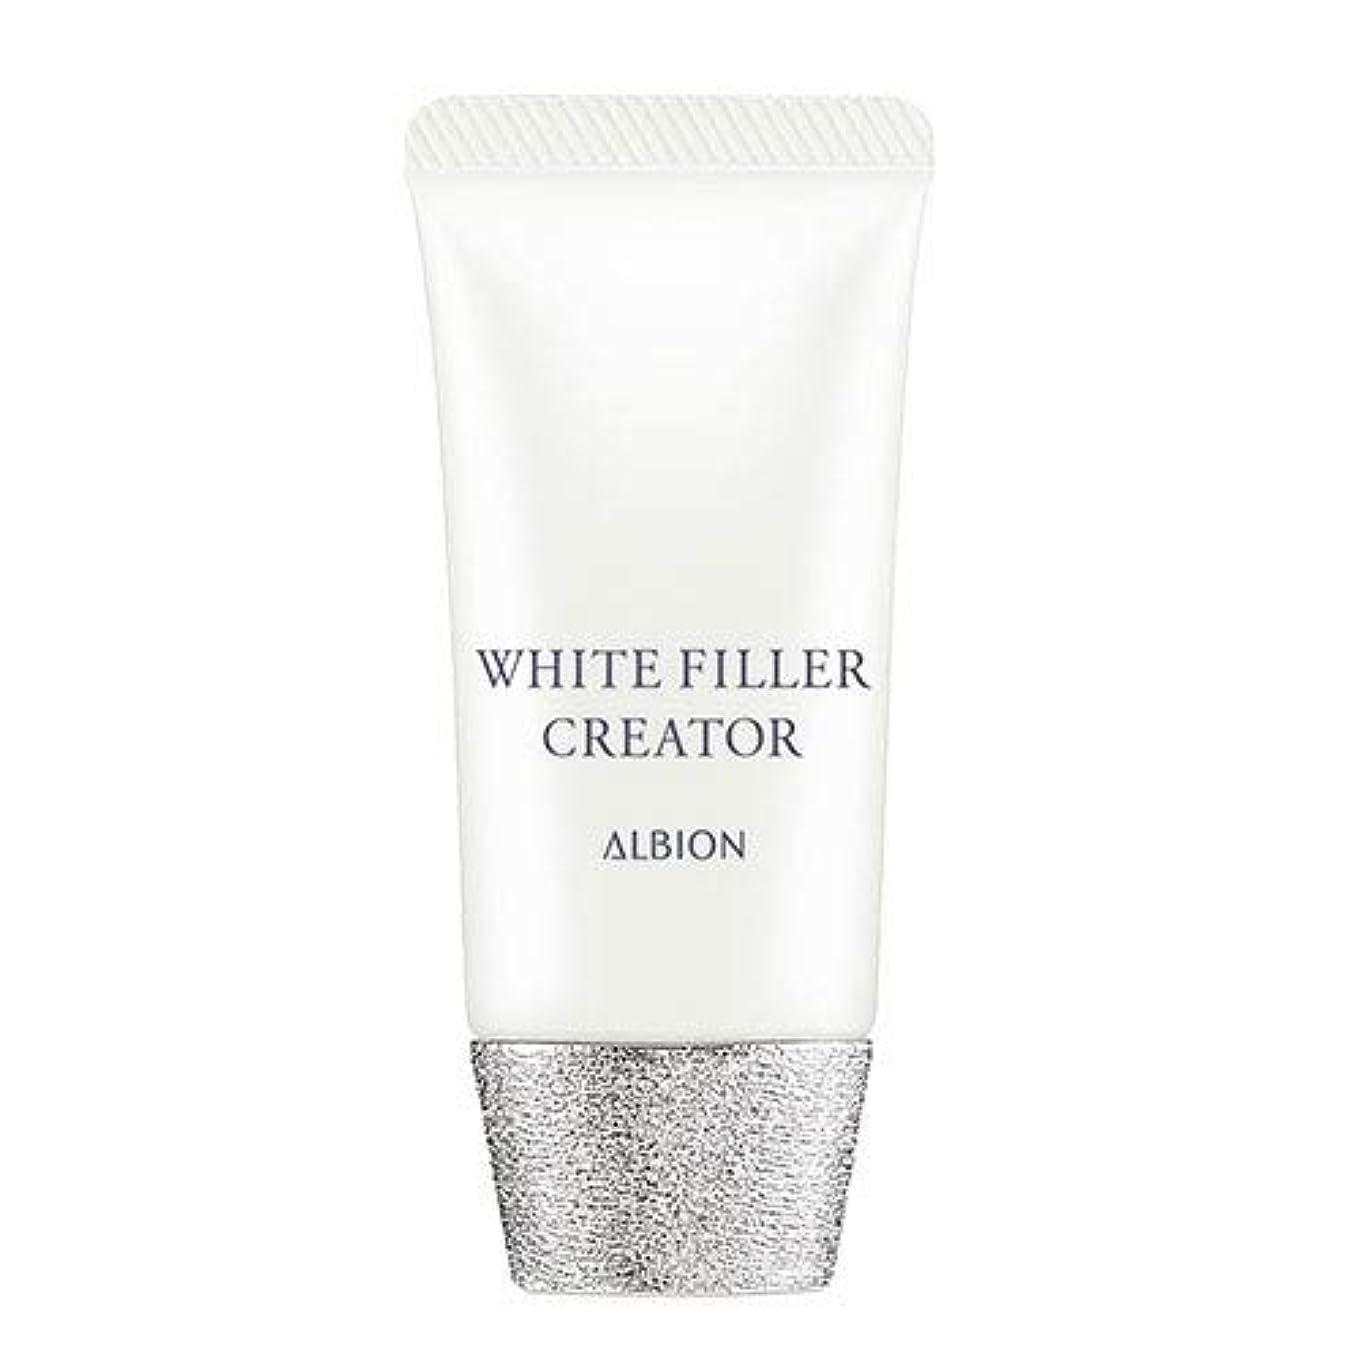 基準発言する小説家アルビオン ホワイトフィラー クリエイター SPF35?PA+++ 30g -ALBION-